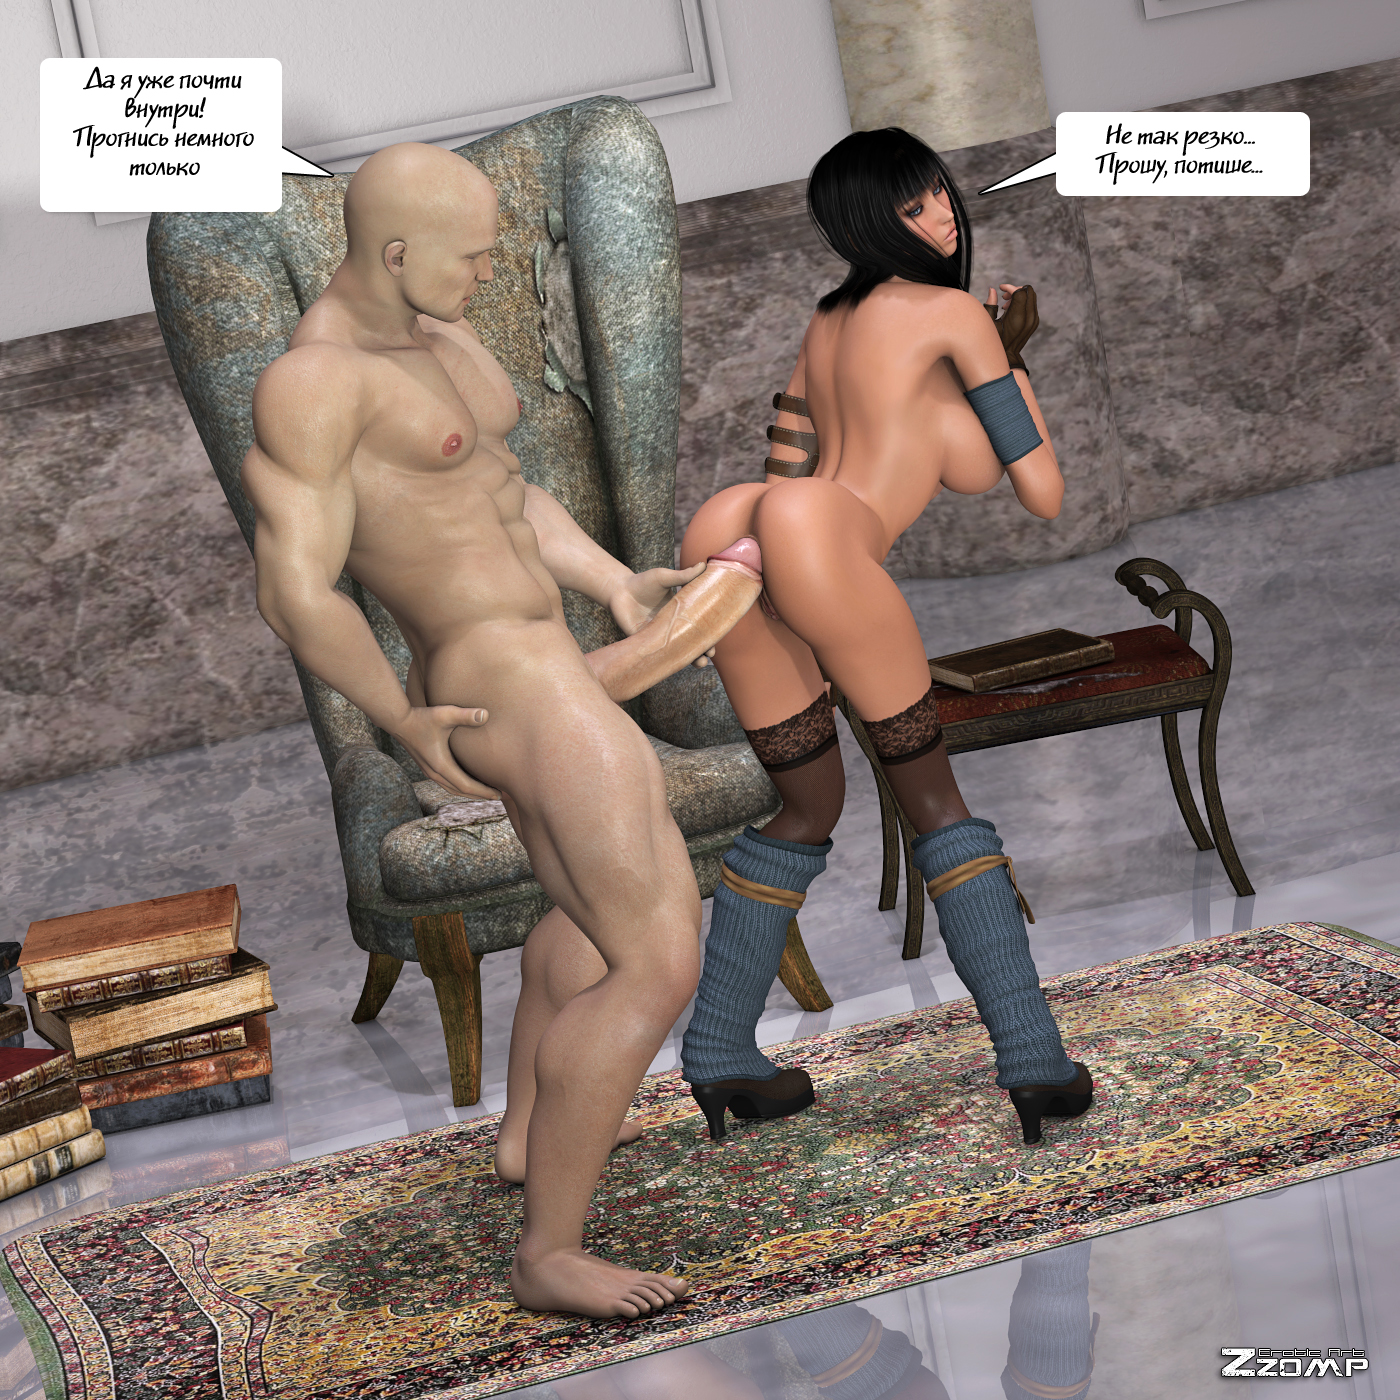 Приватные танцы порно бесплатно 8 фотография